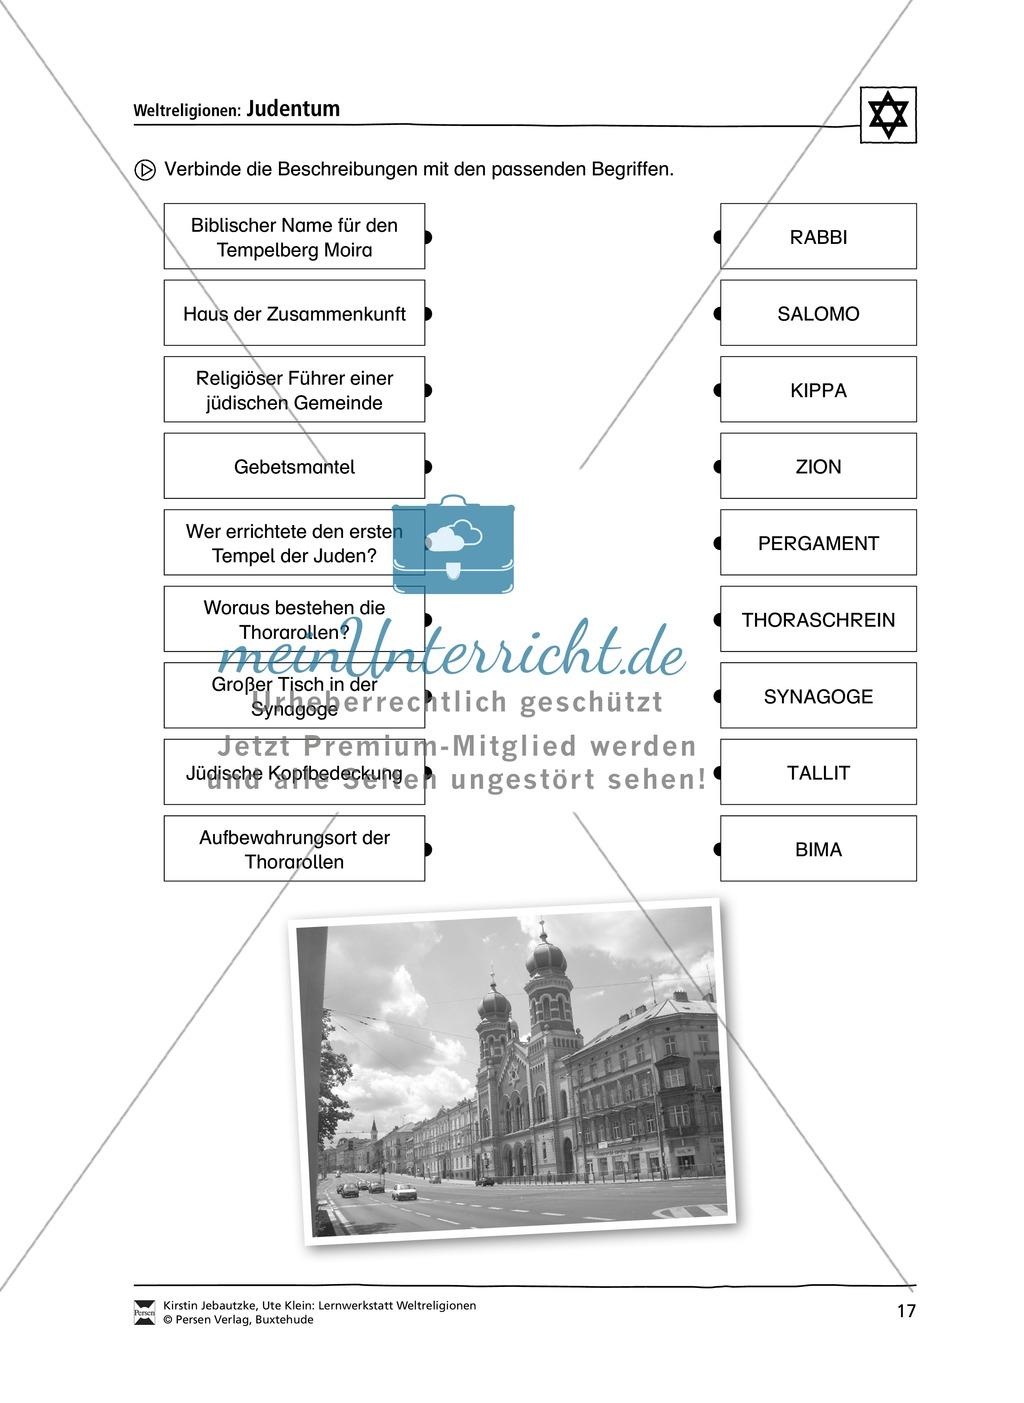 Unterrichtsmaterial zum Judentum - mit Infomaterial zu Gottheit, Schrift, Synagogen, Feiertagen uvm. Preview 9